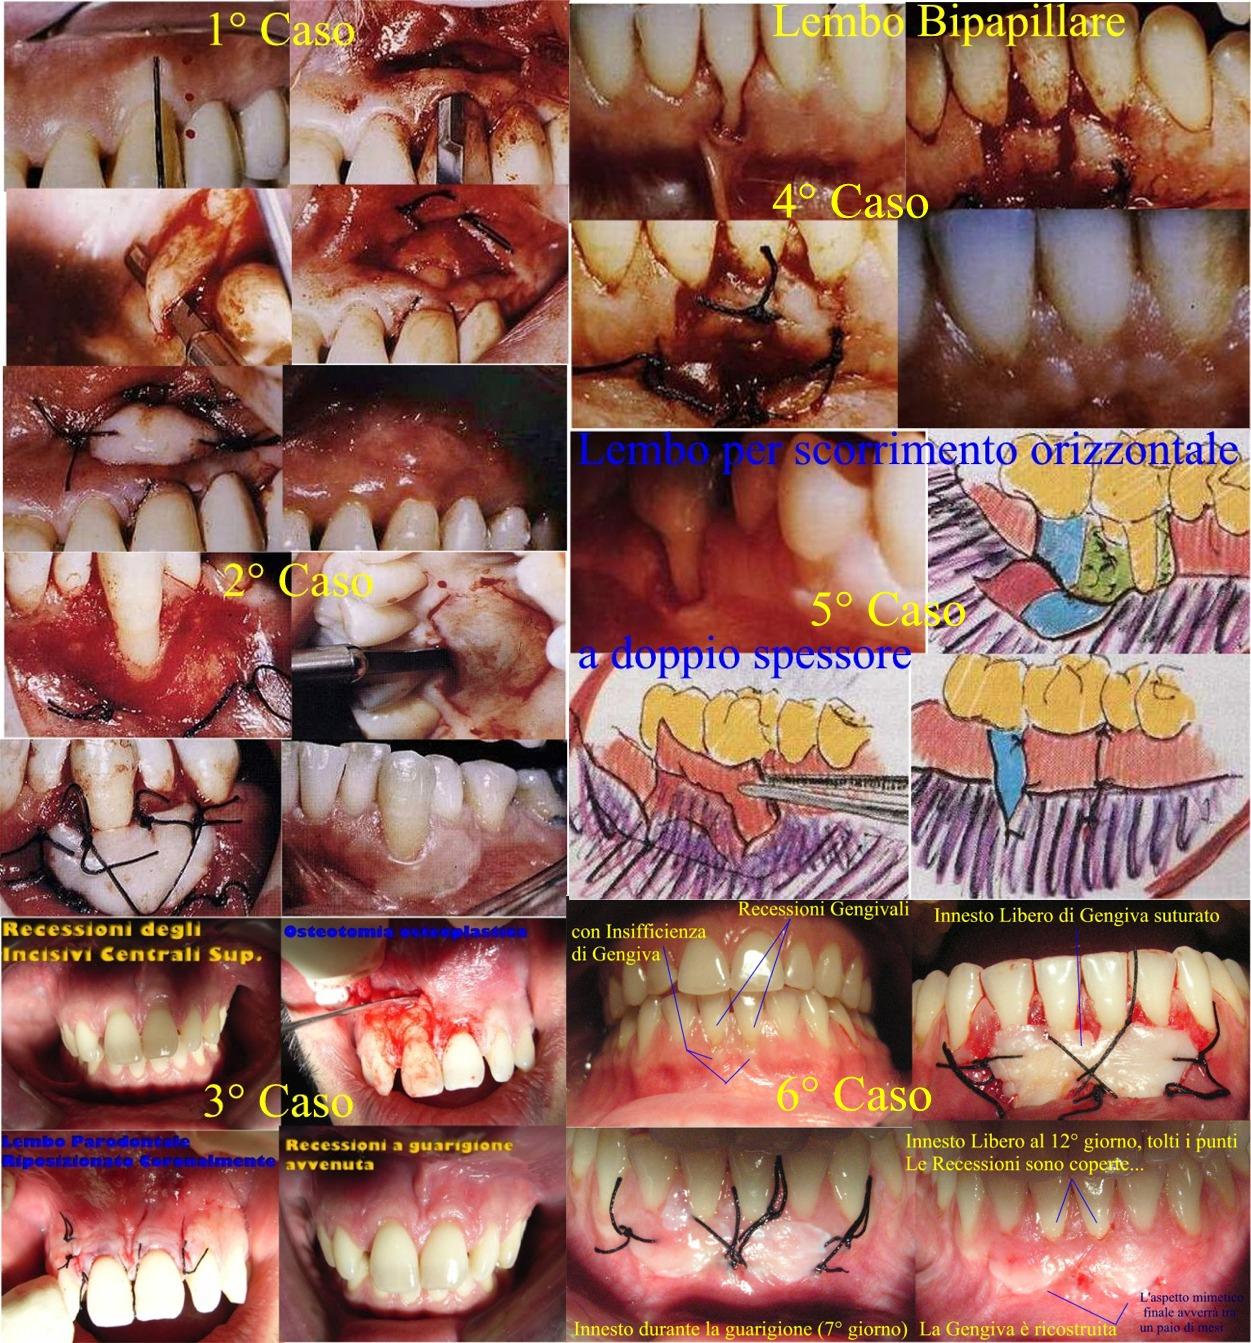 Chirurgia mucogengivale varia per varie recessioni gengivali. Da casistica del Dr. Gustavo Petti Parodontologo di Cagliari